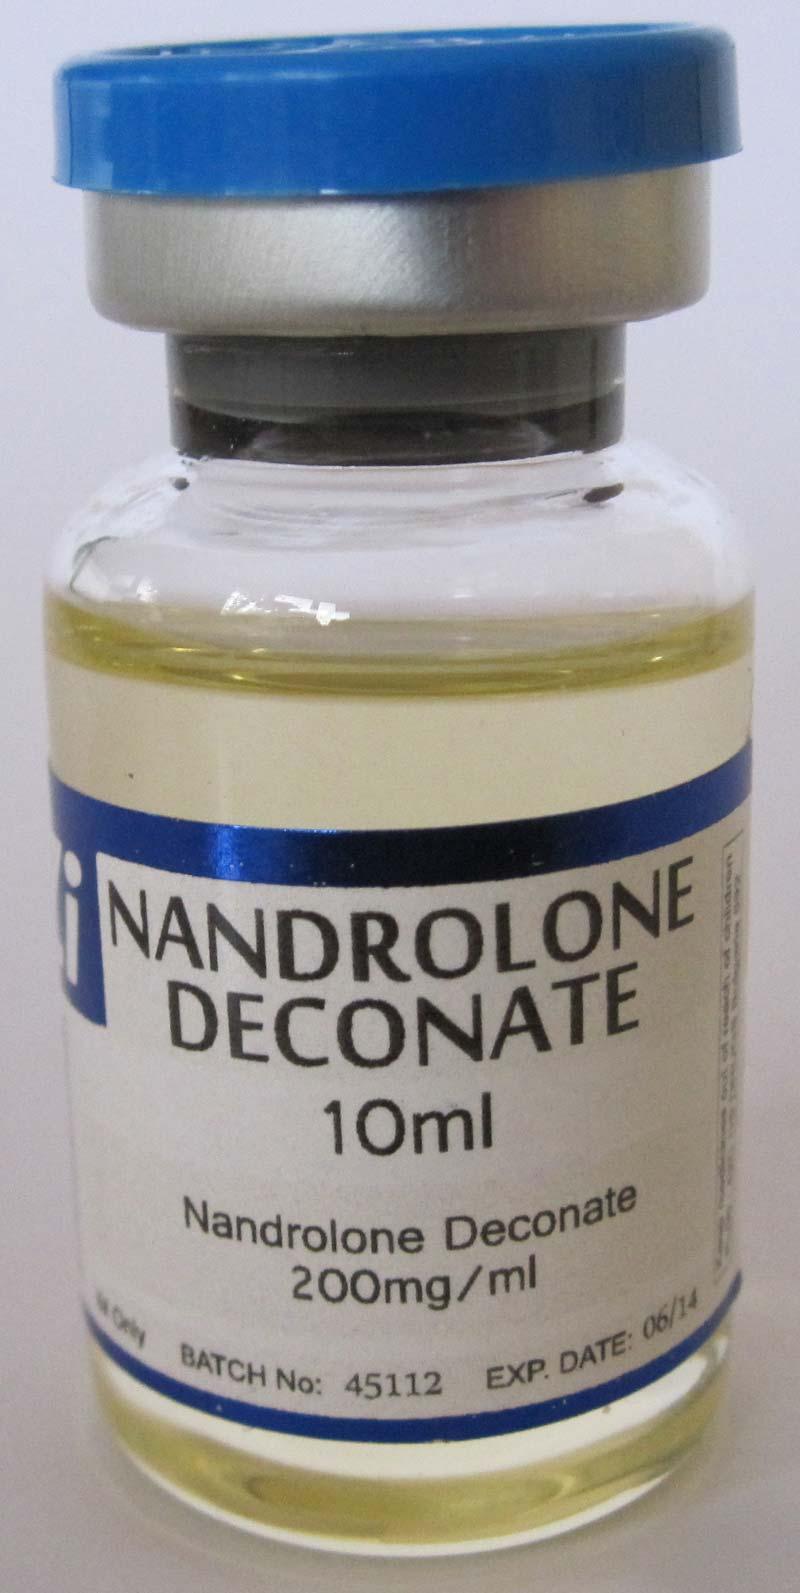 دارو ناندرولون Nandrolone